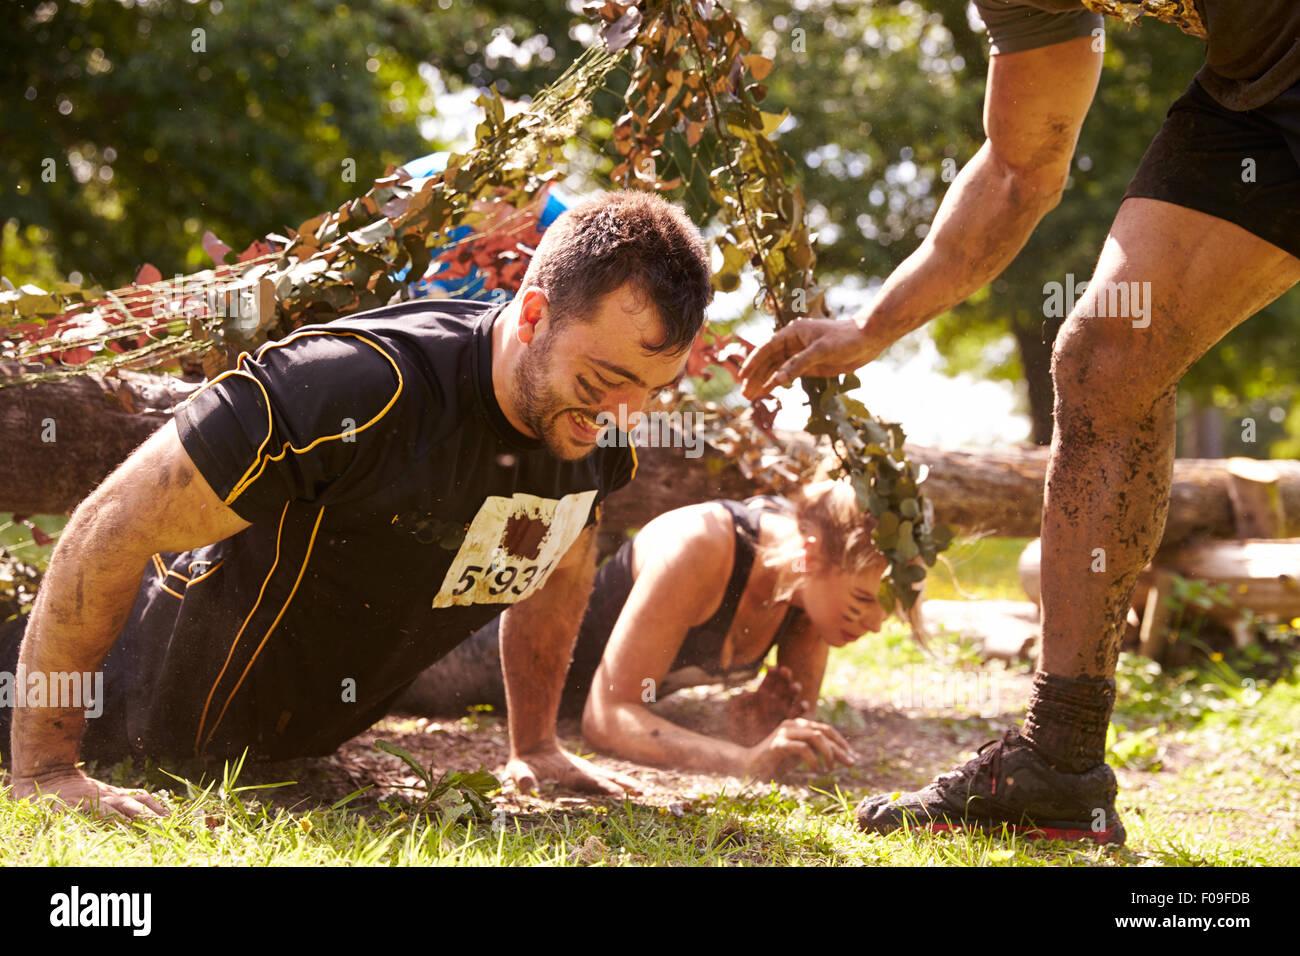 Parcours du combattant, d'aider les autres concurrents ramper sous des moustiquaires Photo Stock